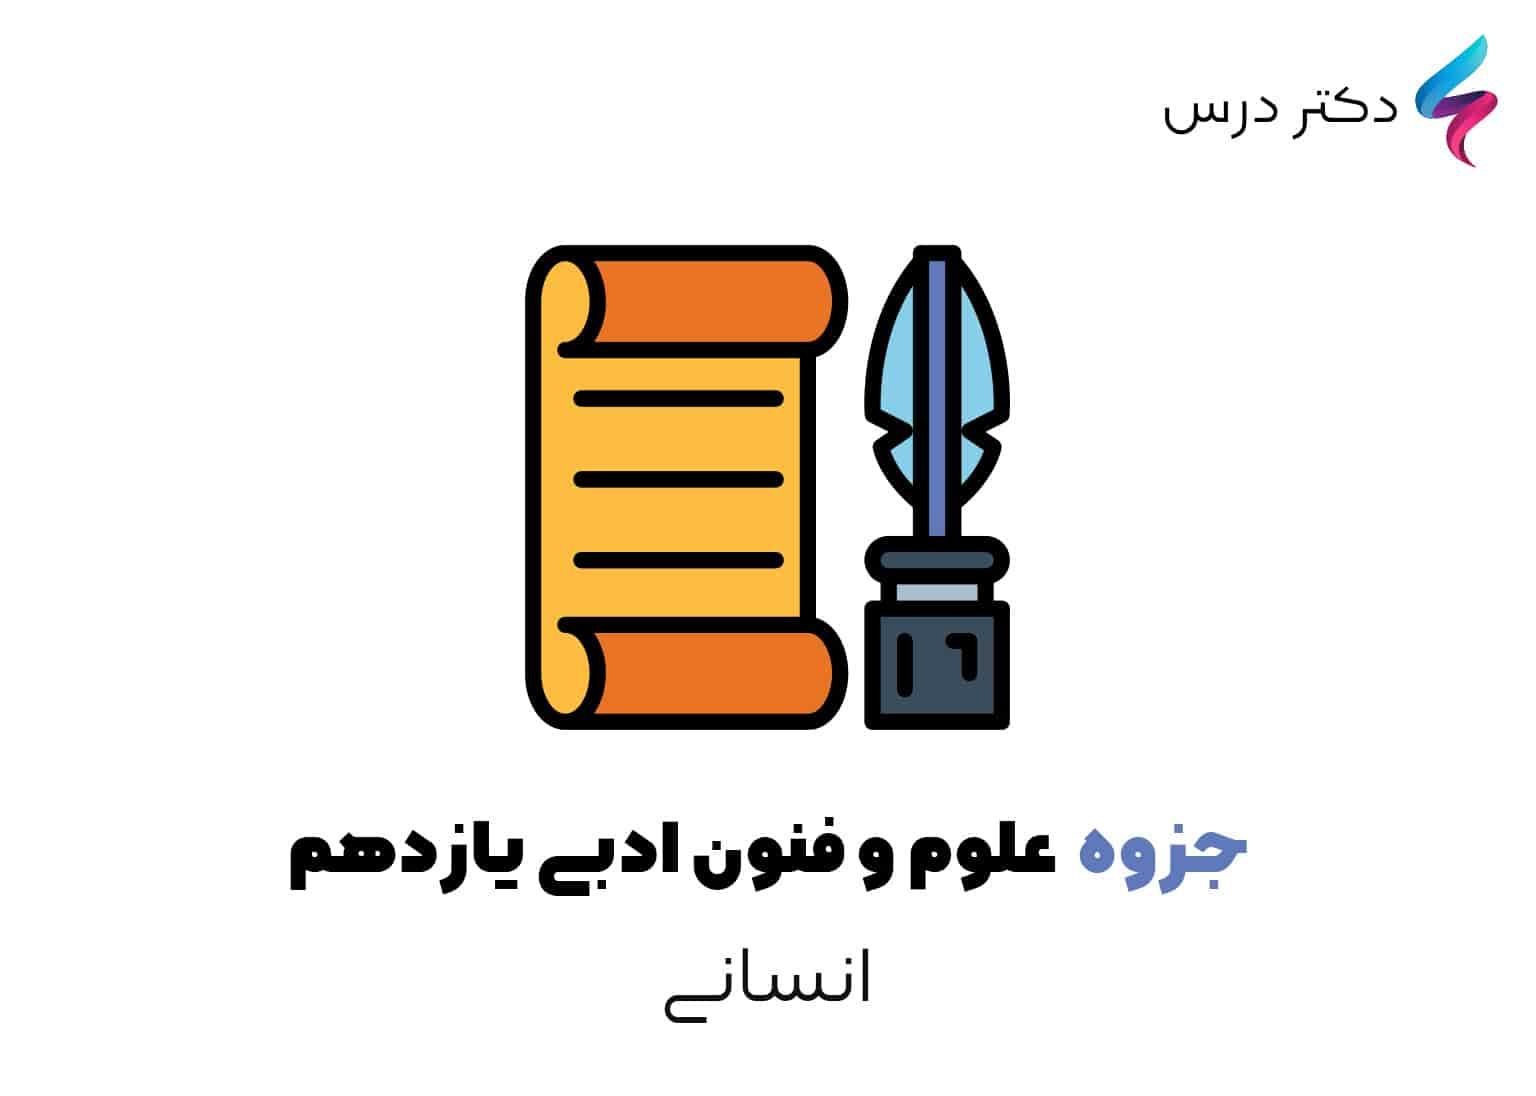 جزوه علوم و فنون ادبی یازدهم شامل درسنامه، آموزش، تست و سوالات متن